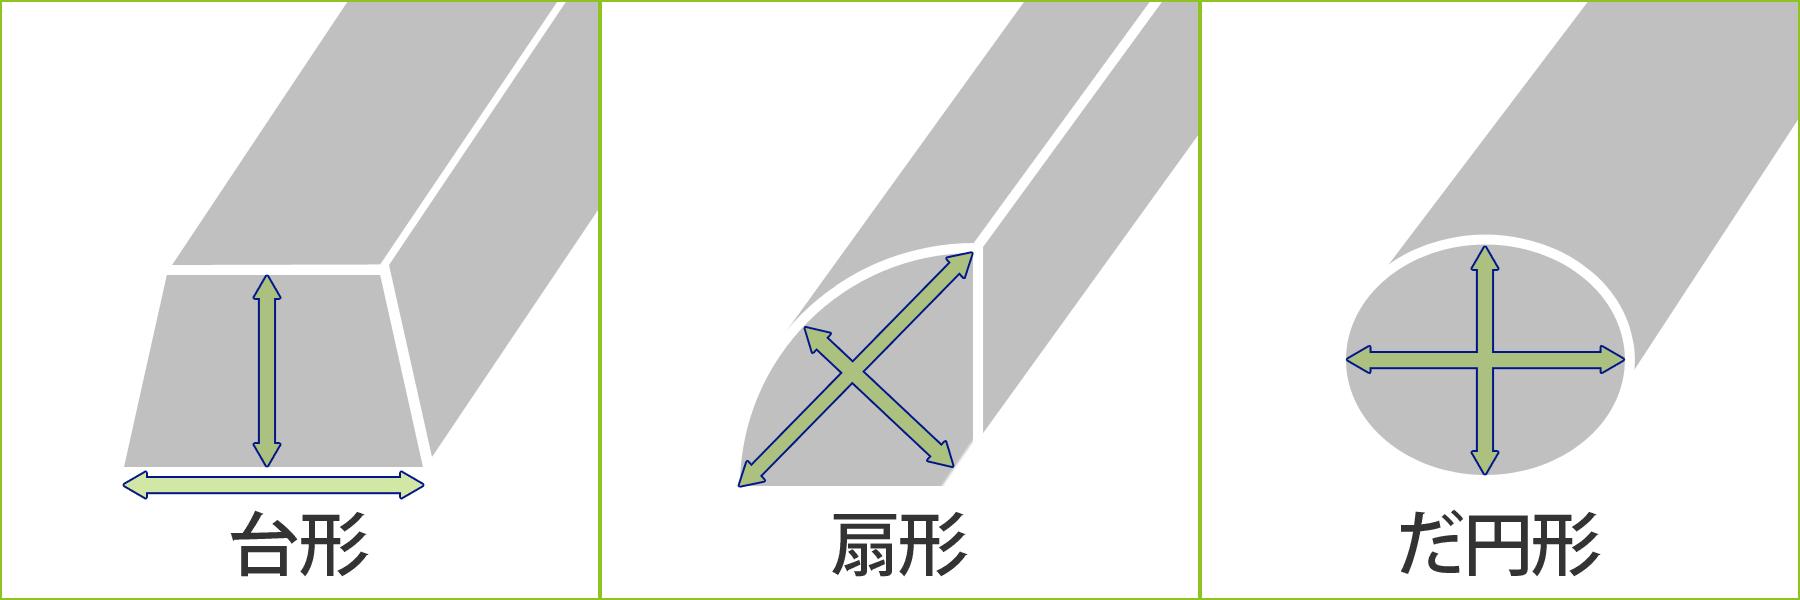 特殊なイス形の図り方